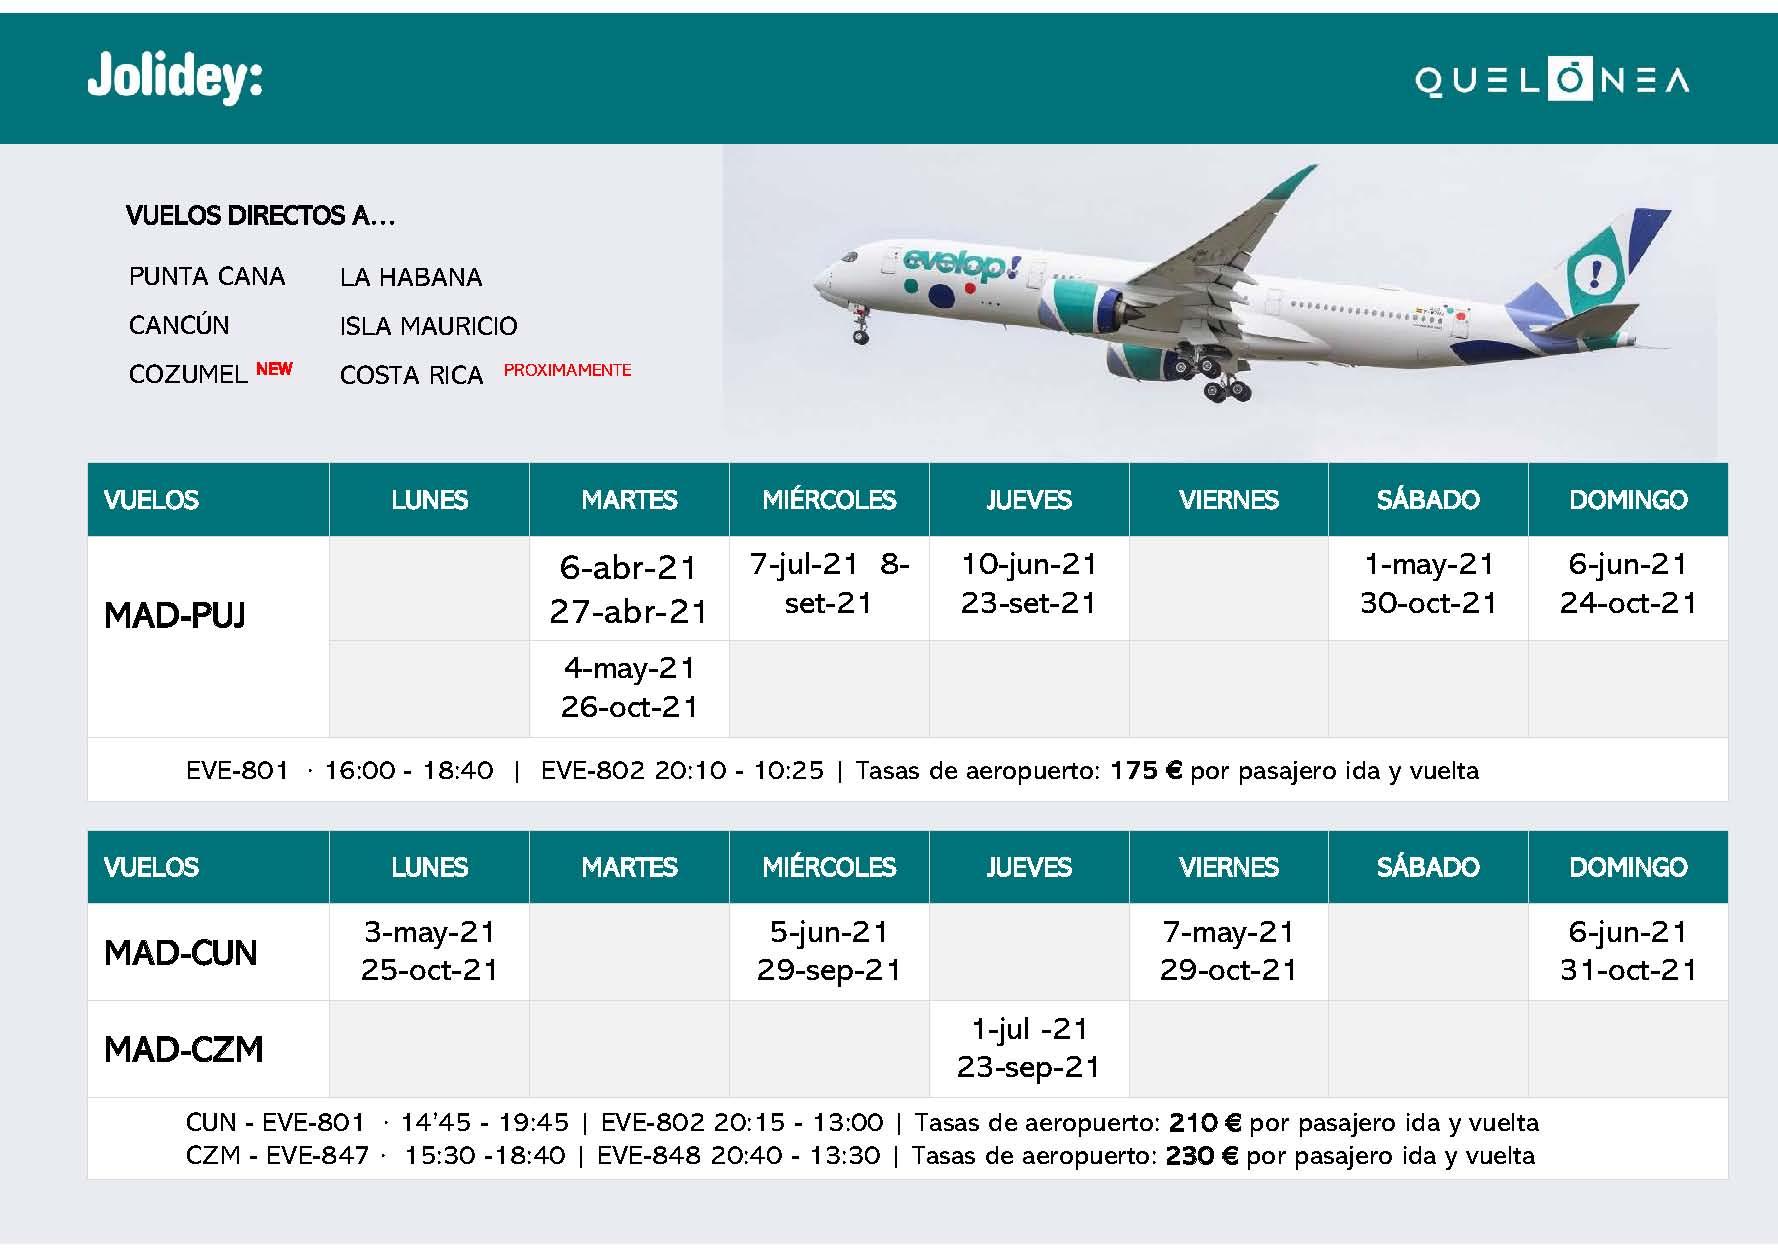 Programacion Aerea Evelop 2021 vuelos directos a Punta Cana Cancun Cozumel La Habana y Mauricio